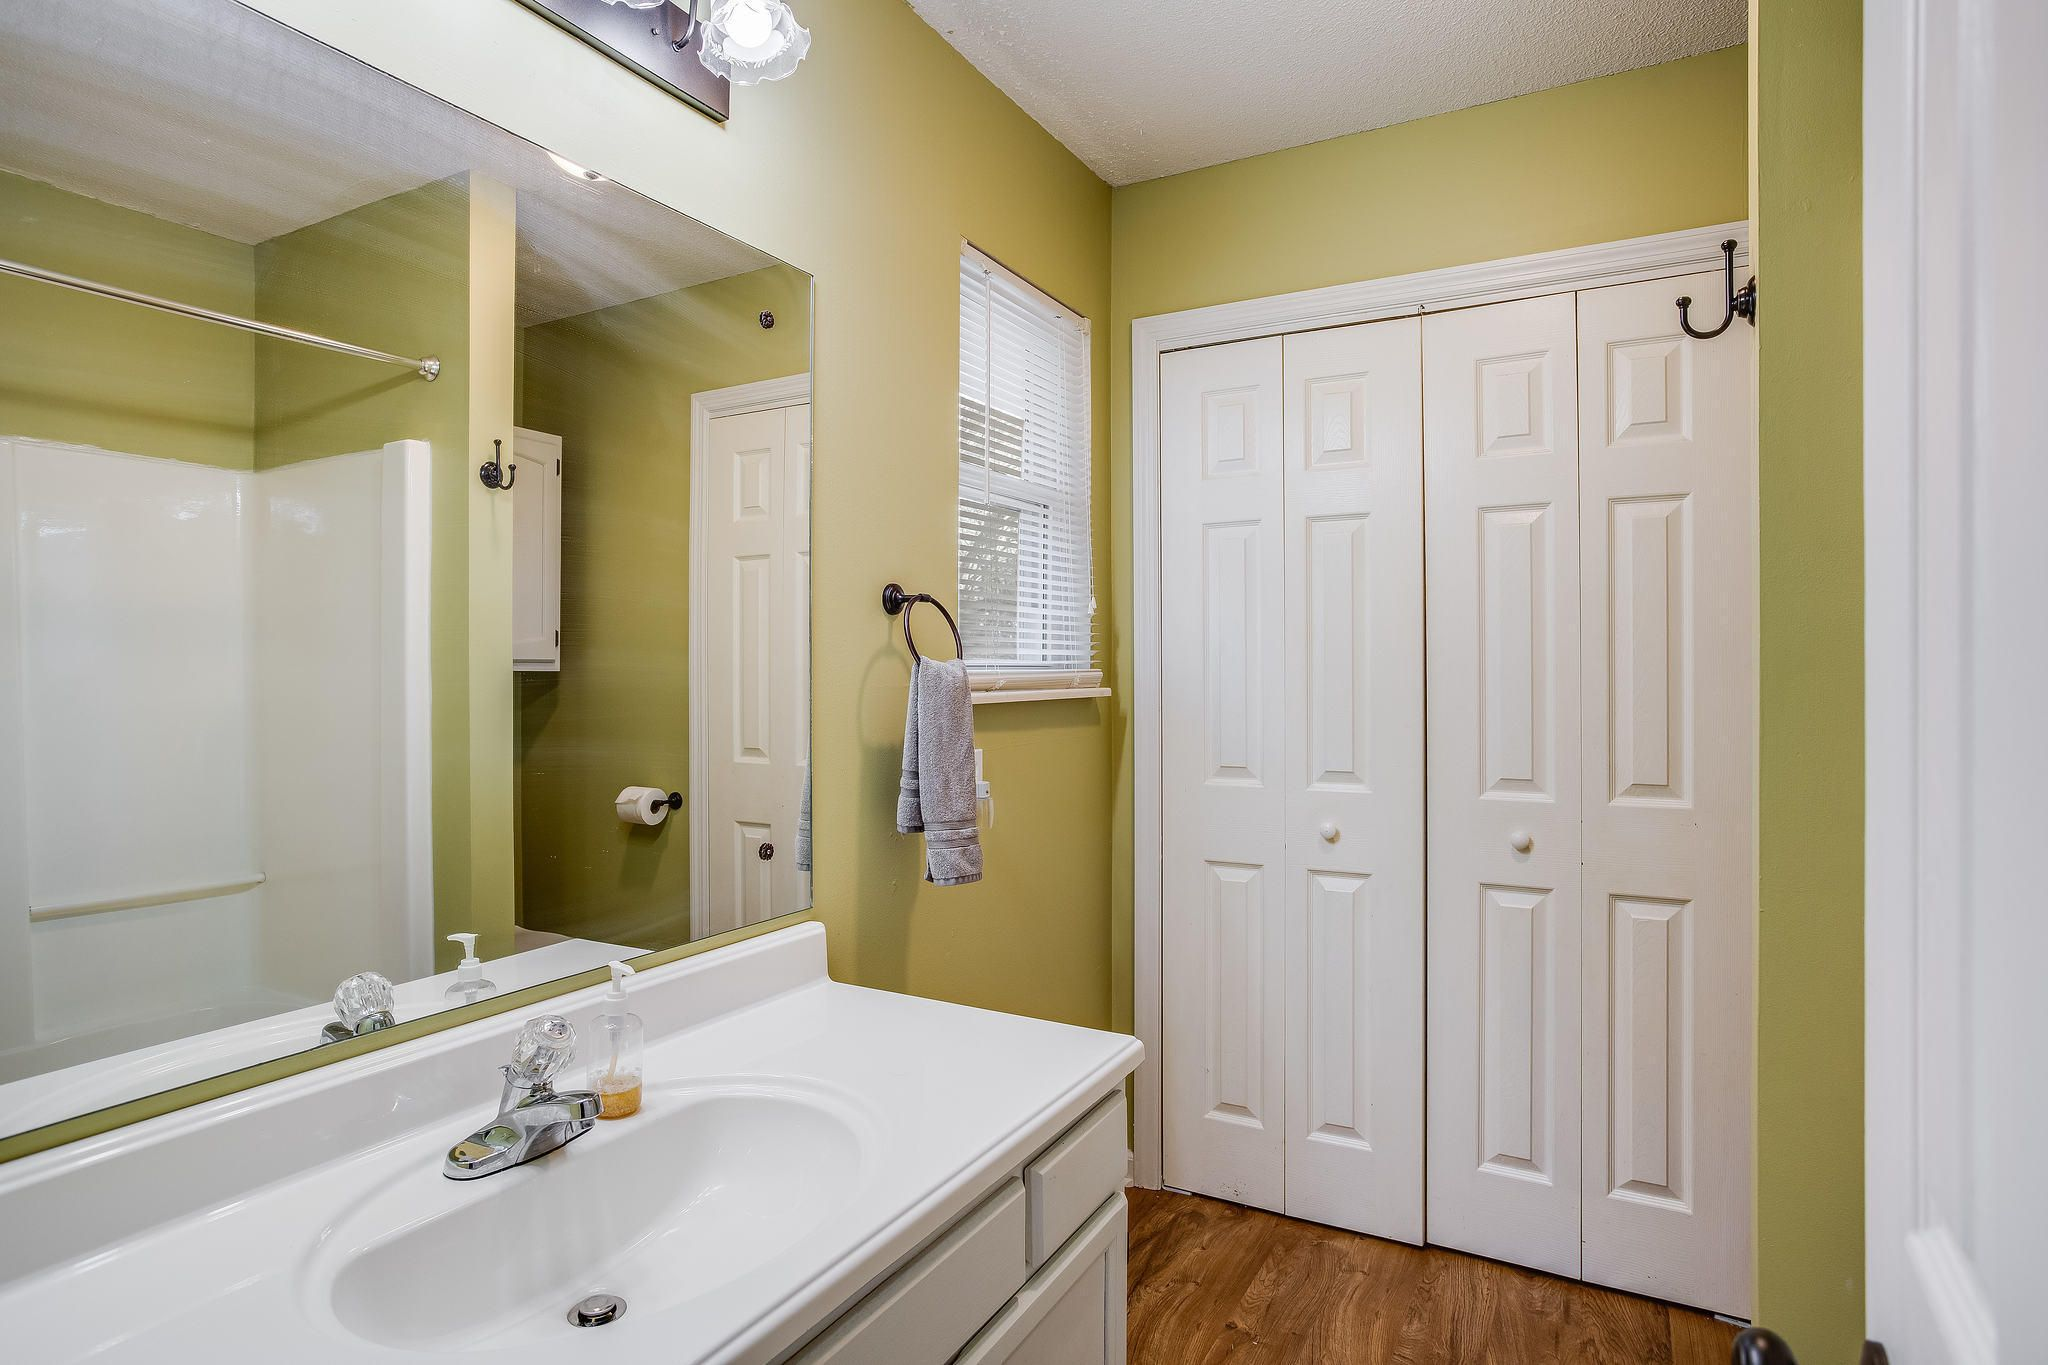 504 Bobolink Rd master bath